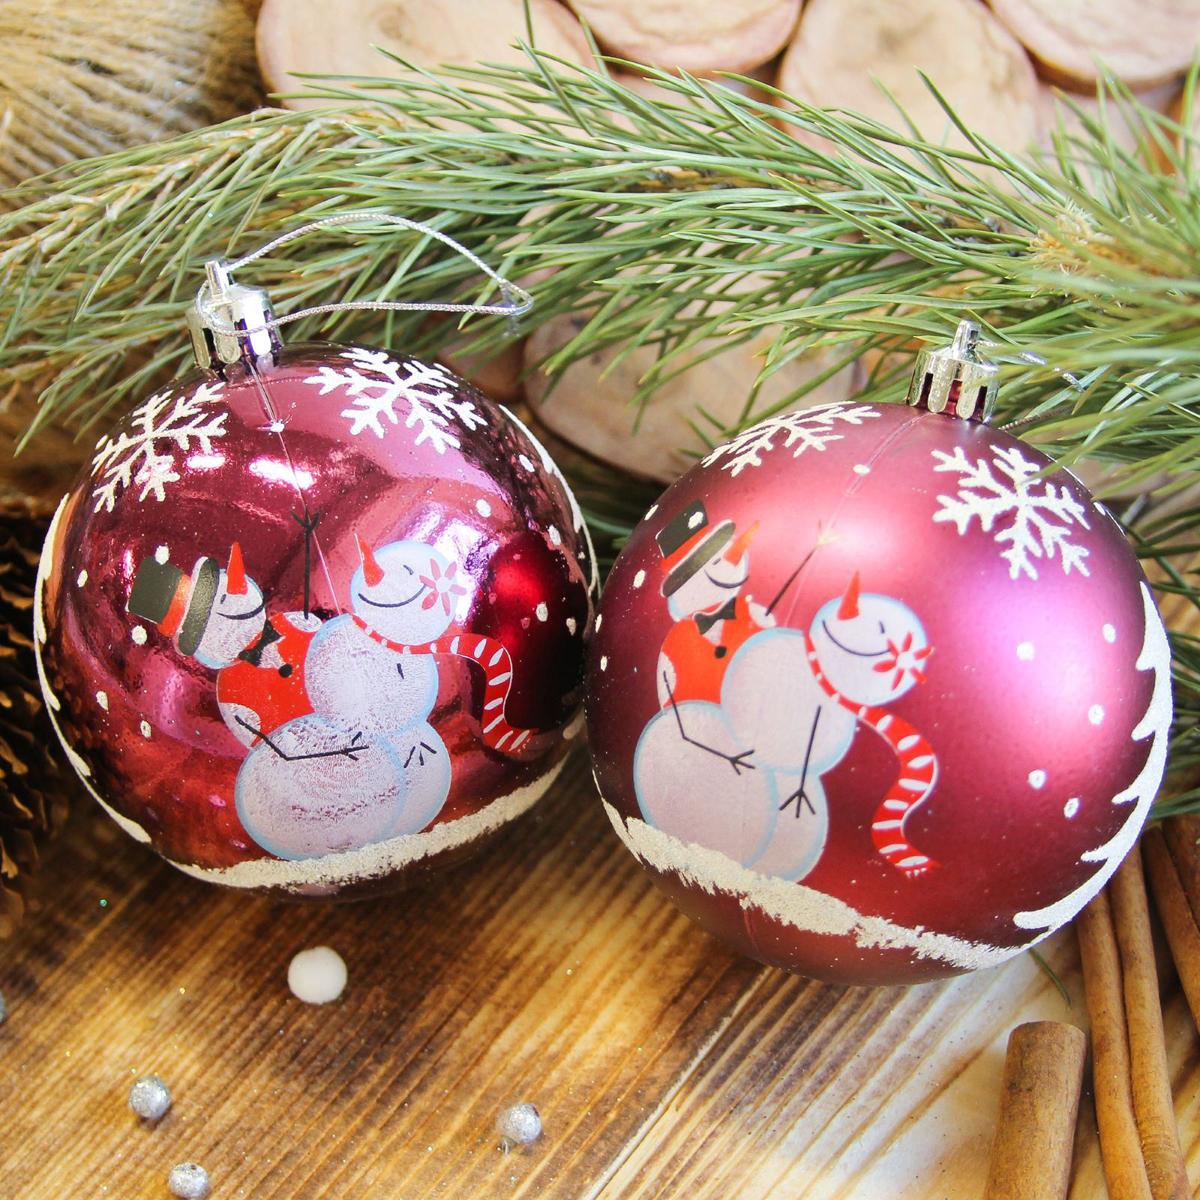 Набор новогодних подвесных украшений Sima-land Веселый снеговик, диаметр 8 см, 6 шт2122967Набор новогодних подвесных украшений Sima-land отлично подойдет для декорации вашего дома и новогодней ели. С помощью специальной петельки украшение можно повесить в любом понравившемся вам месте. Но, конечно, удачнее всего оно будет смотреться на праздничной елке. Елочная игрушка - символ Нового года. Она несет в себе волшебство и красоту праздника. Создайте в своем доме атмосферу веселья и радости, украшая новогоднюю елку нарядными игрушками, которые будут из года в год накапливать теплоту воспоминаний.